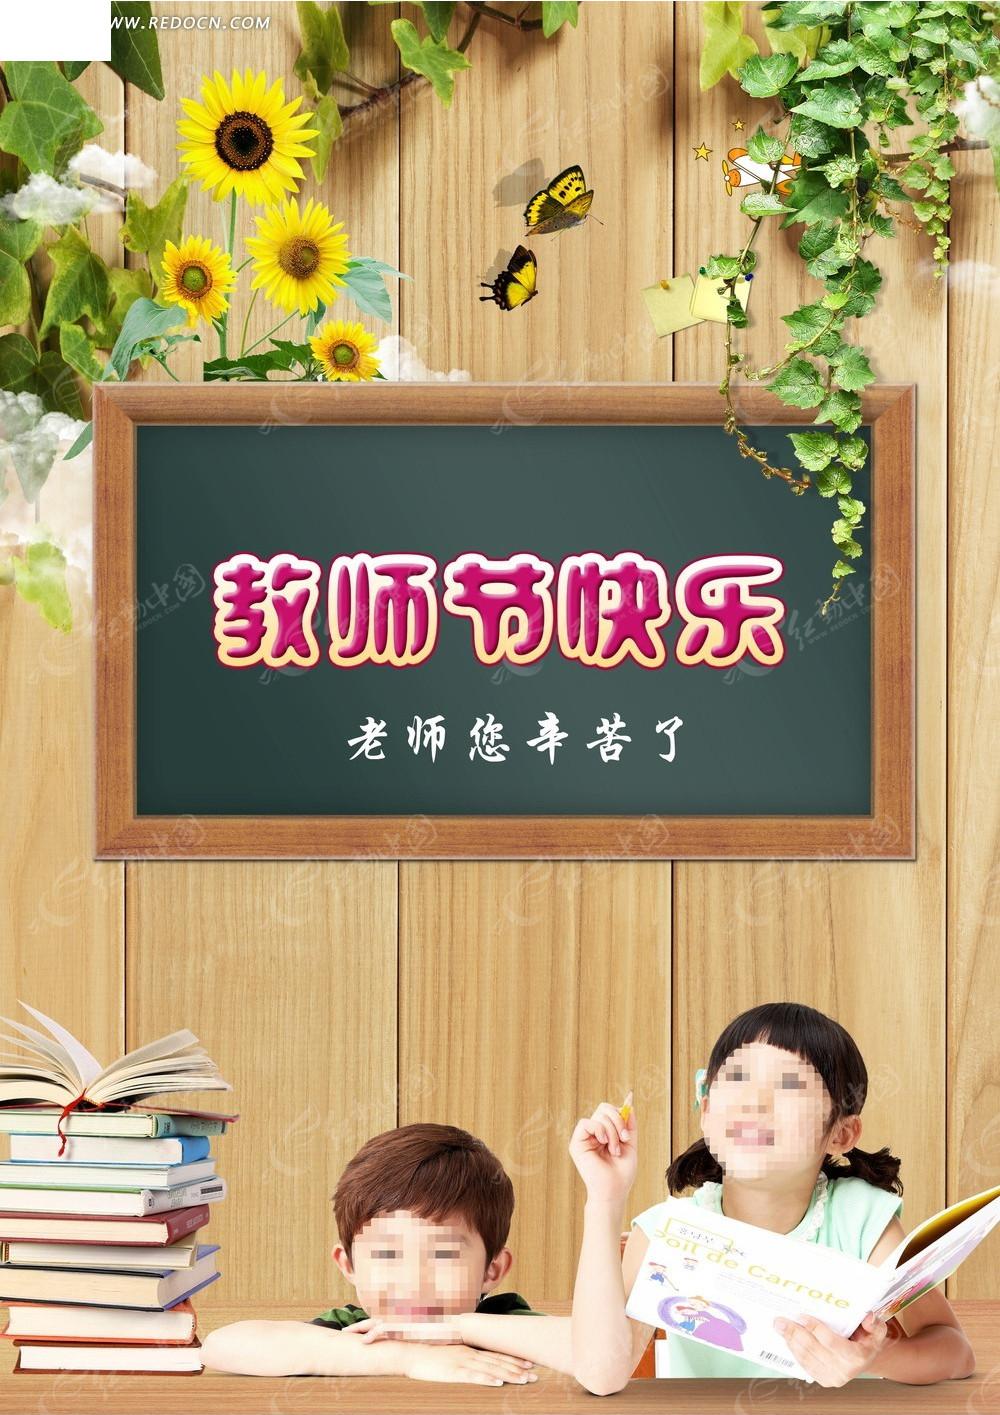 教师节快乐宣传海报